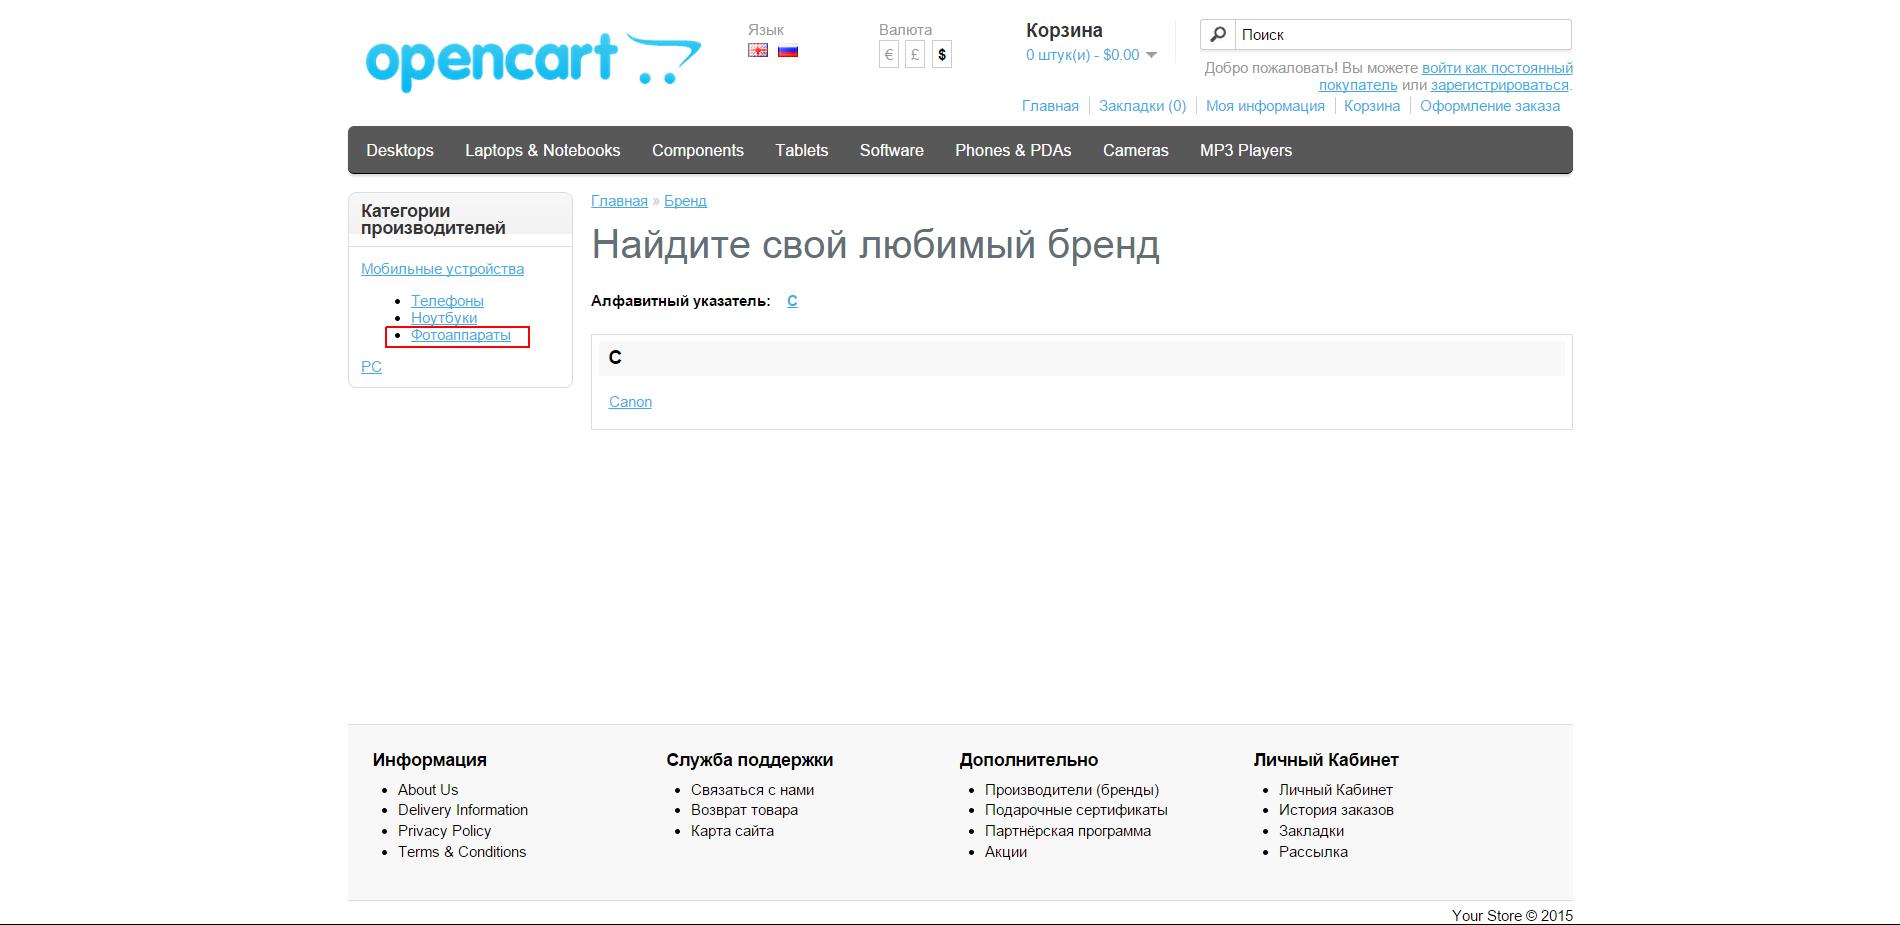 Скриншот 11 - Модуль категорий производителей для Opencart